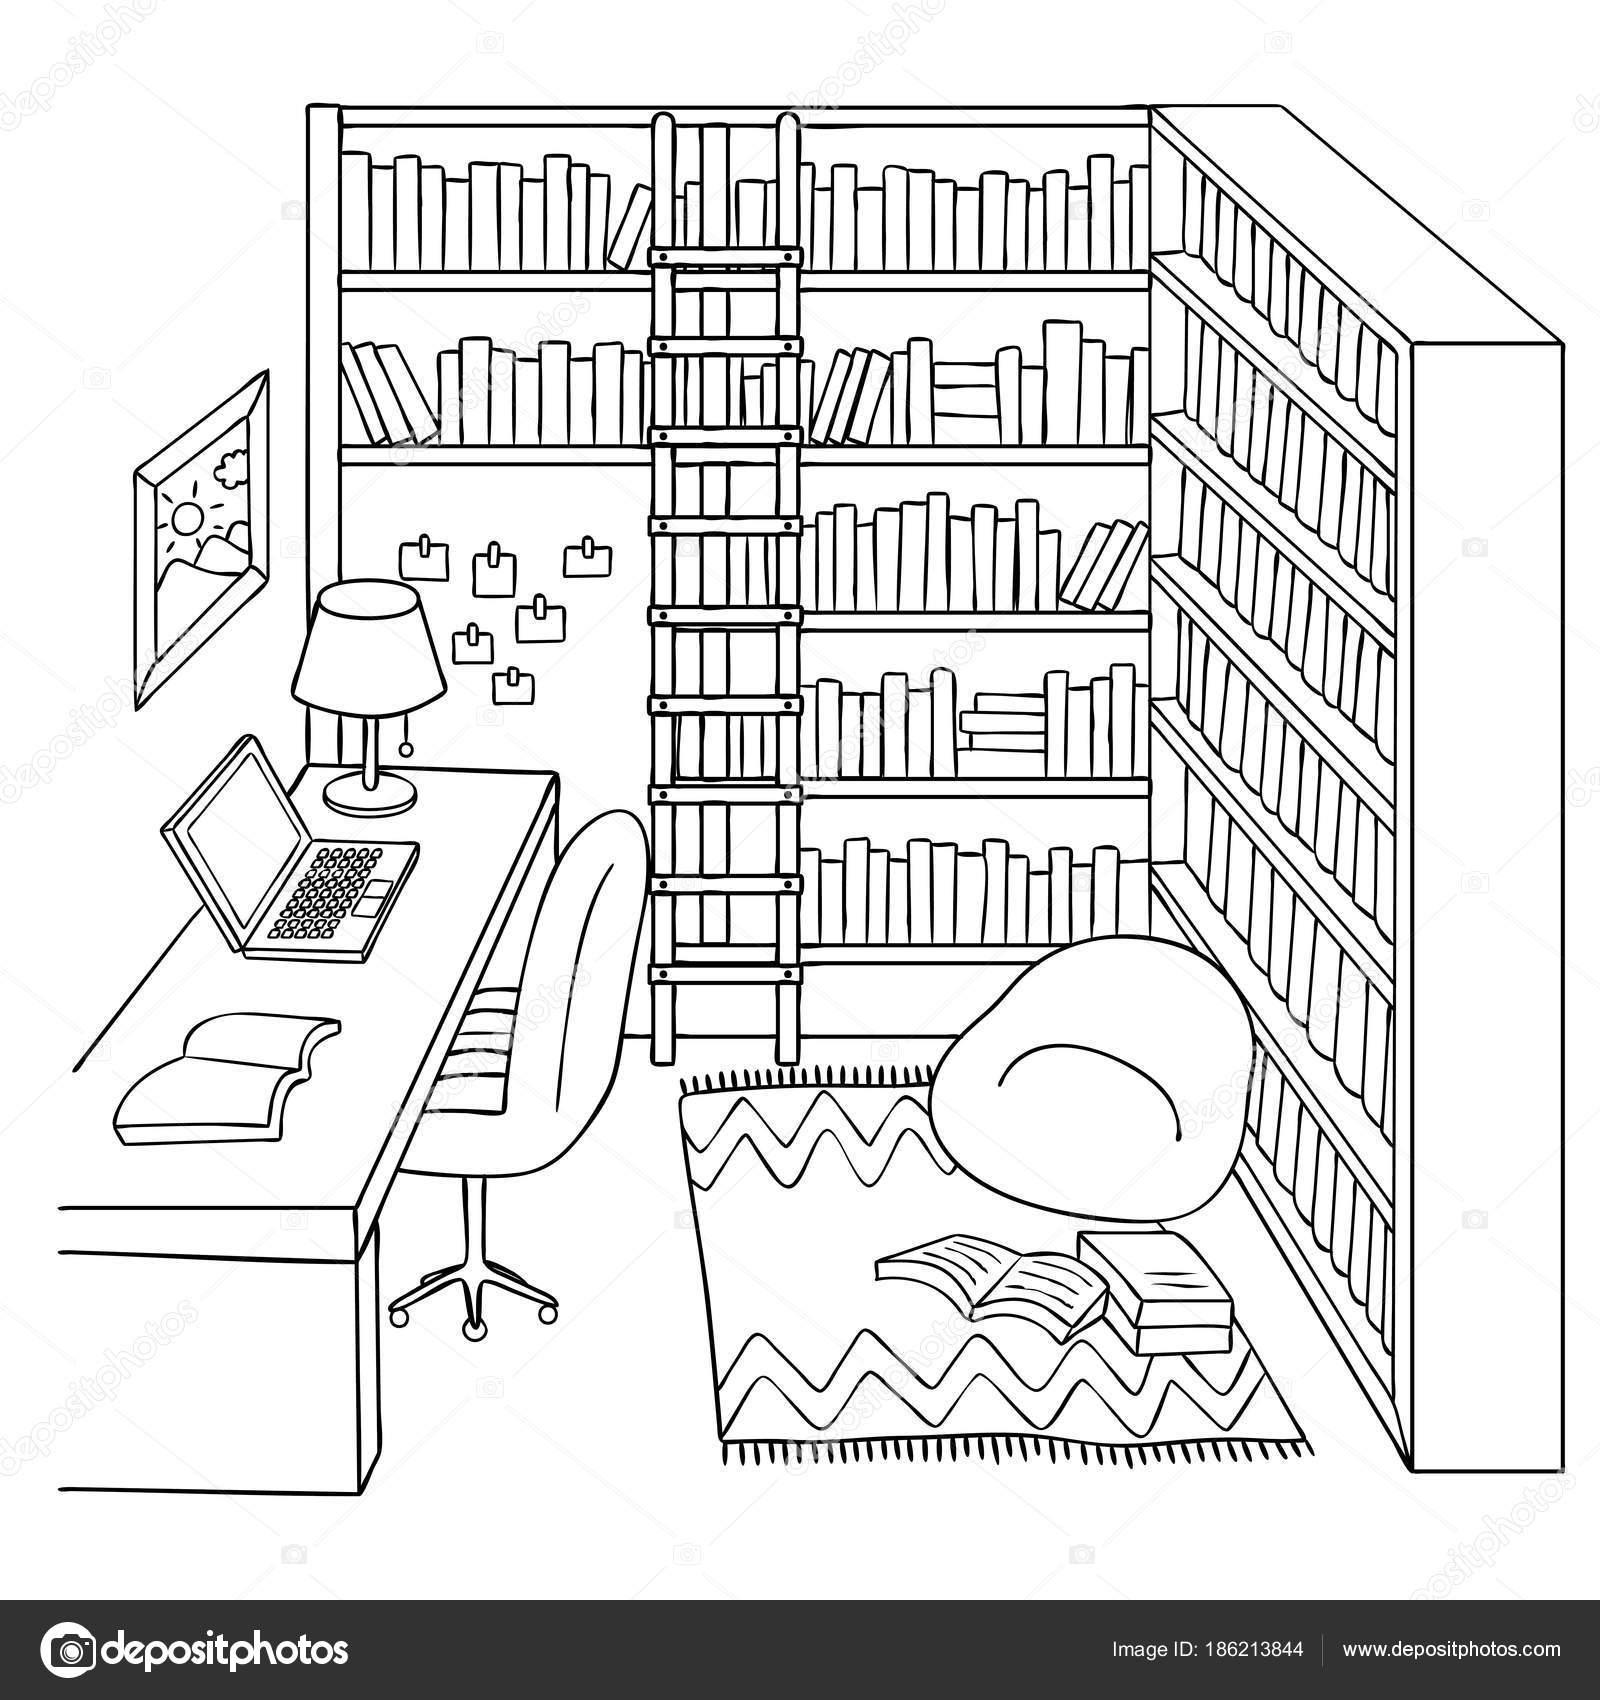 Hand Gezeichnete Studie Oder Bibliothek Platz Für Design Element Und ...